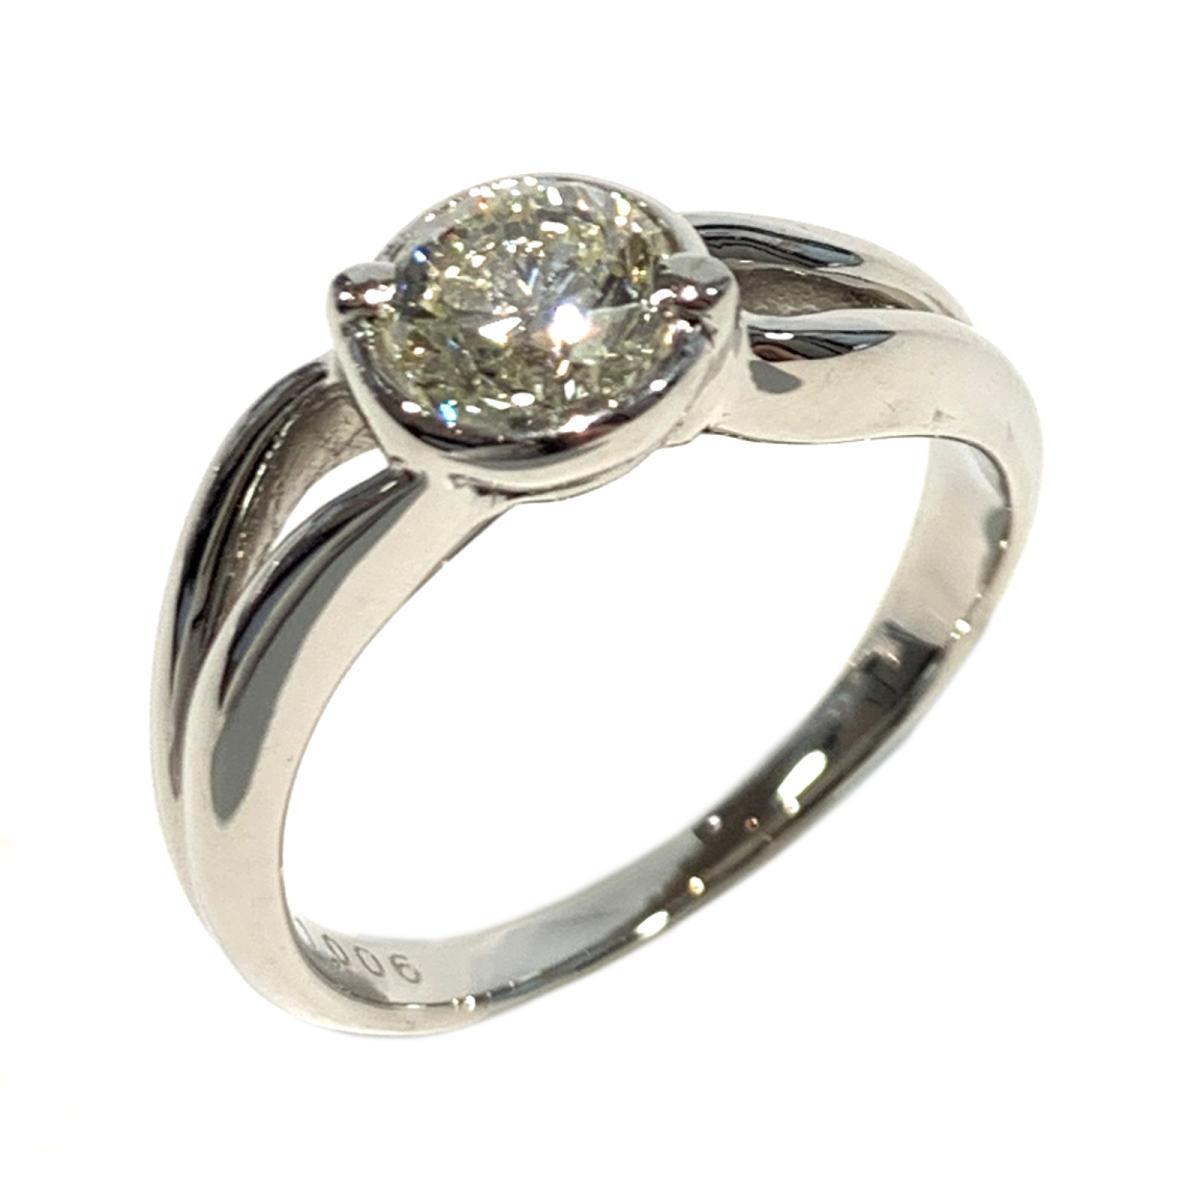 【中古】 ジュエリー ダイヤモンド リング 指輪 レディース PT900 プラチナ x ダイヤ1.006ct クリアー シルバー   JEWELRY BRANDOFF ブランドオフ ブランド アクセサリー